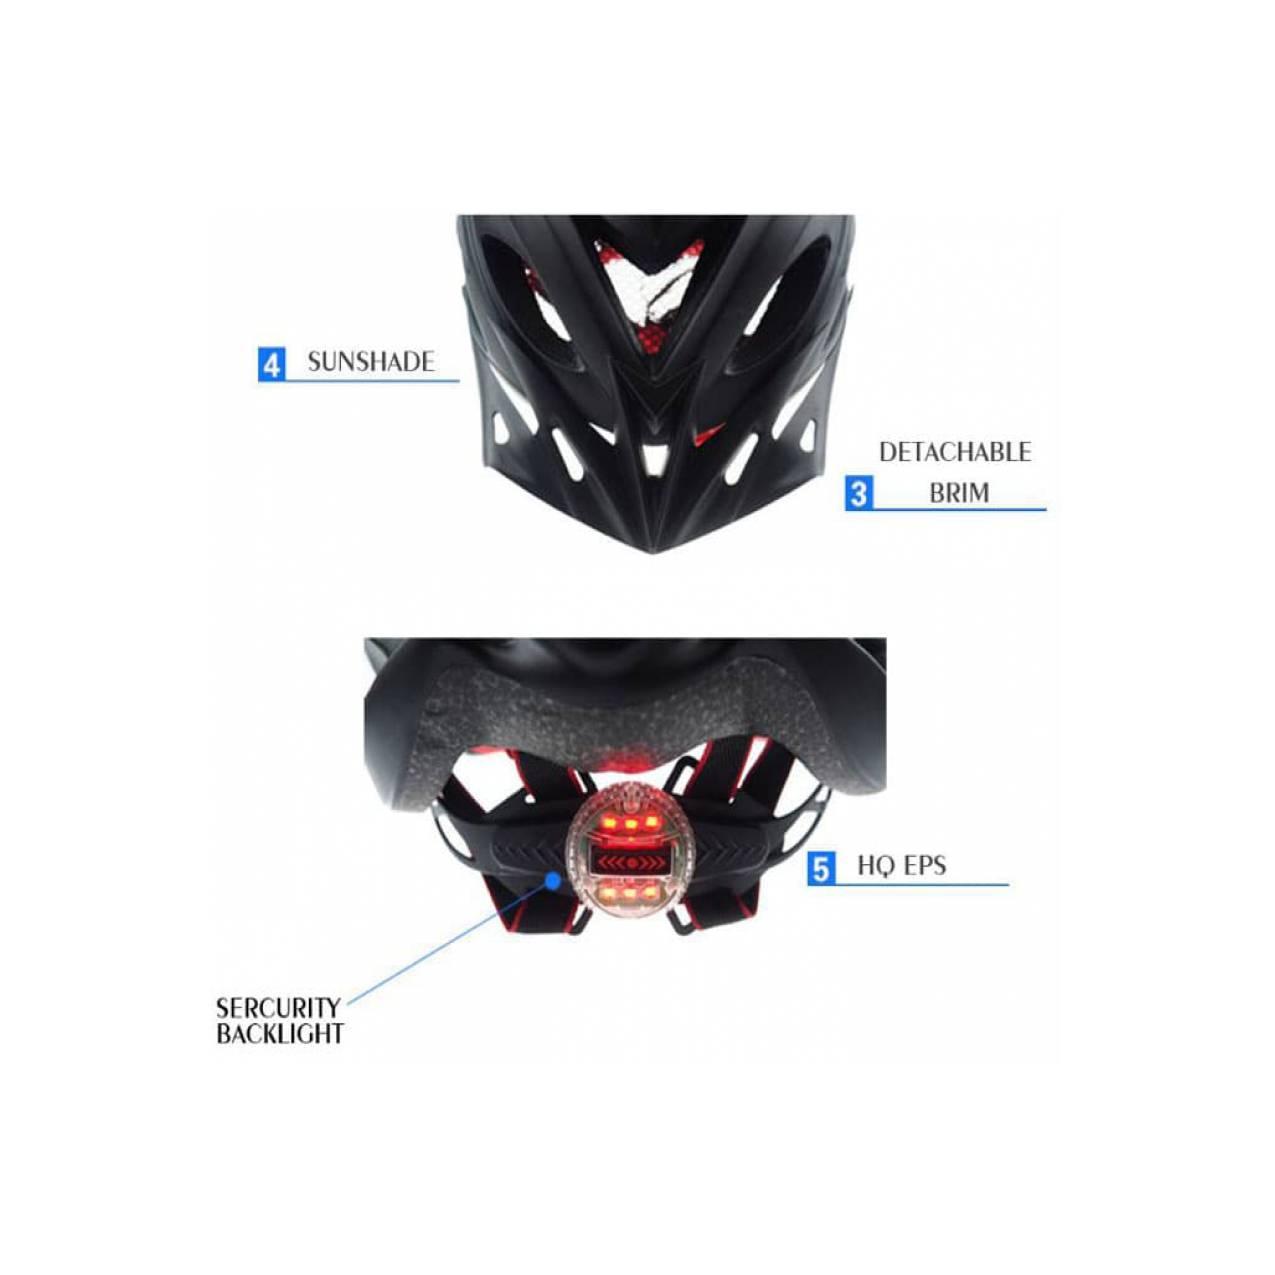 Informasi Harga Terkini Lampu Hias Pvc 2018 Murah Saja Helm Sepeda Dengan Backlight New Eps Shell Led